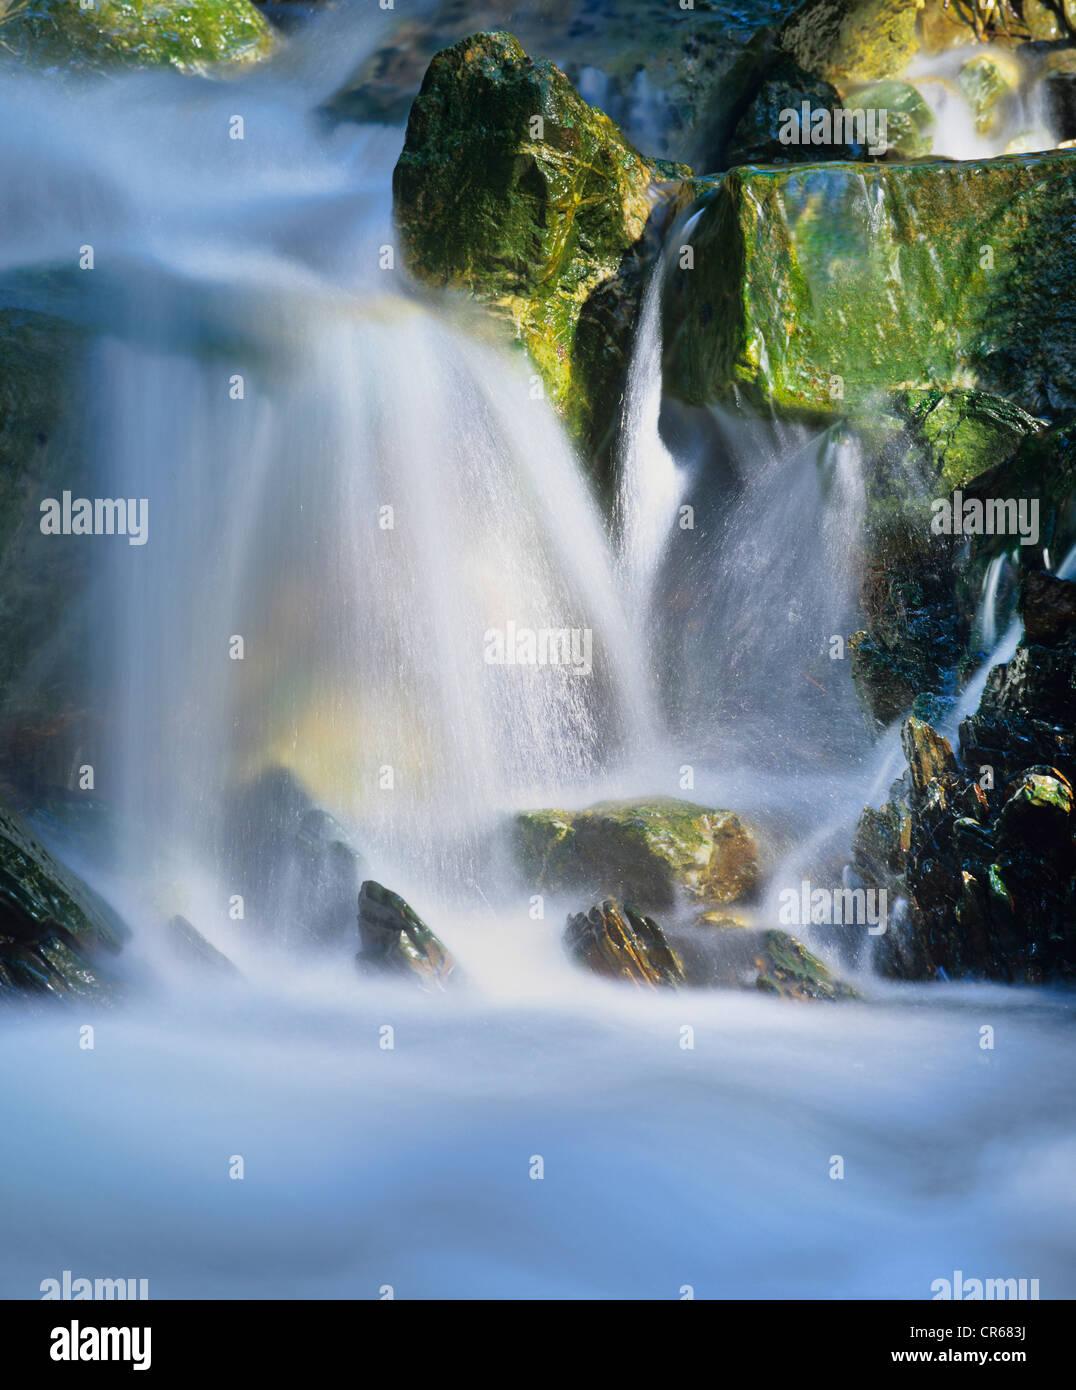 El agua que fluye sobre las rocas, una pequeña cascada, Glasbach Creek, Renania del Norte-Westfalia, Alemania, Imagen De Stock